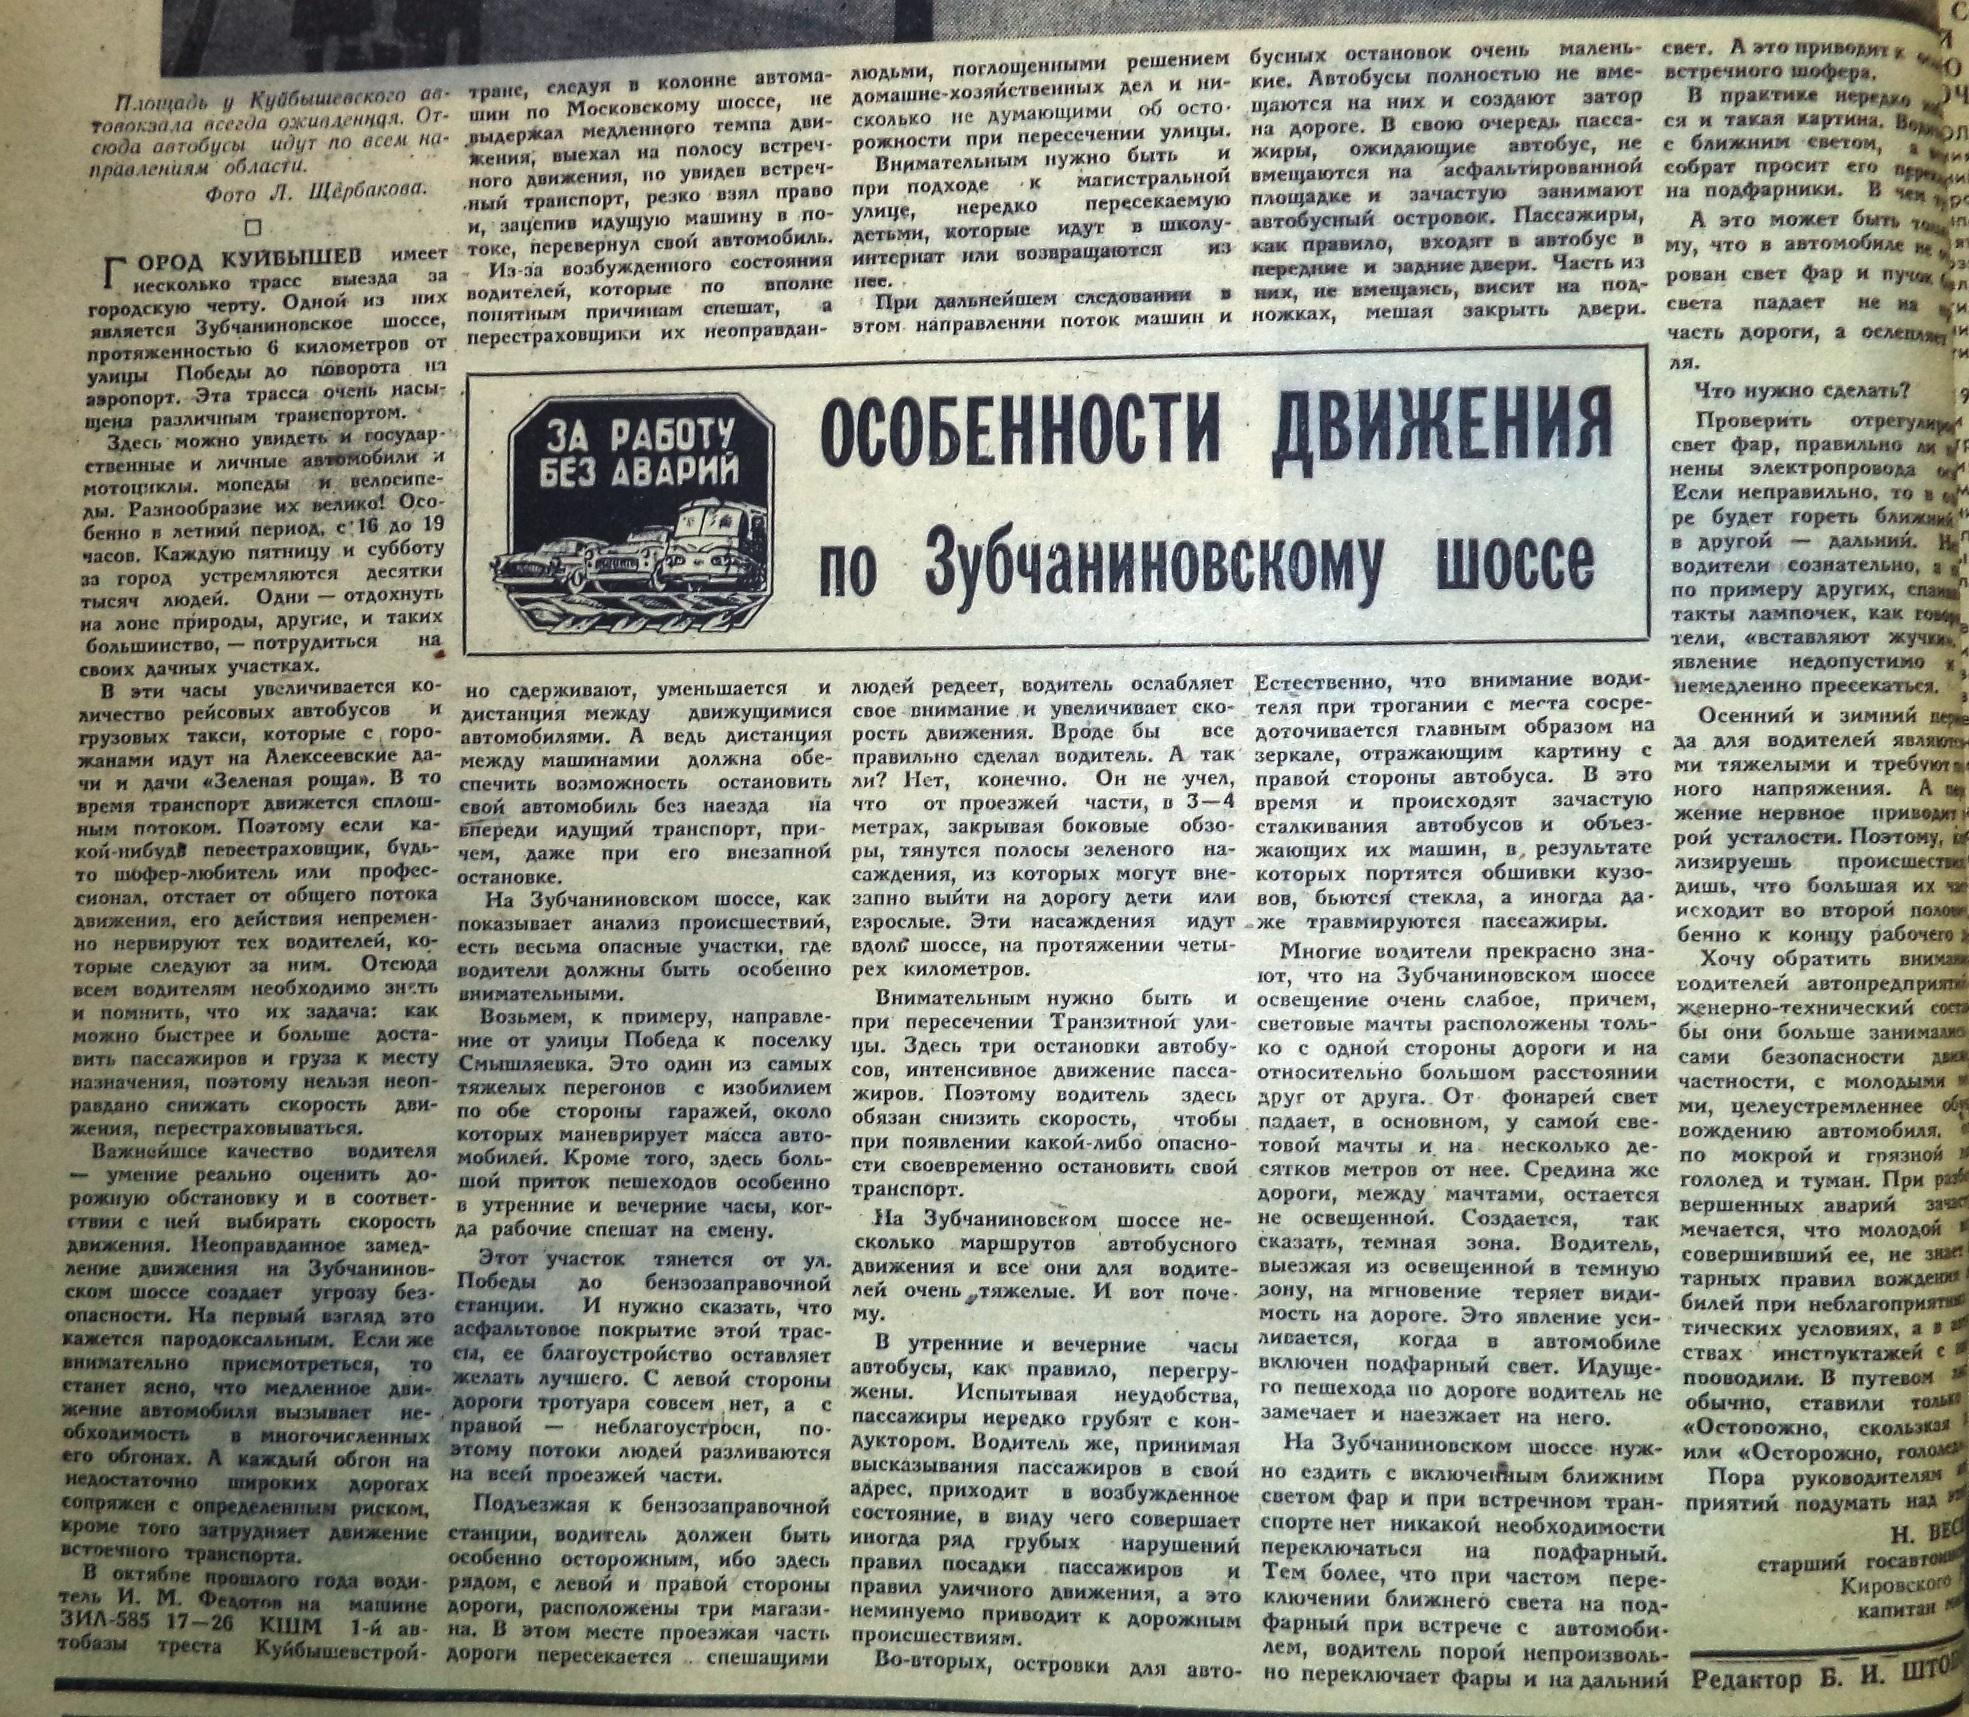 Зубчаниновское-ФОТО-24-Автотранспортник-1969-30 января